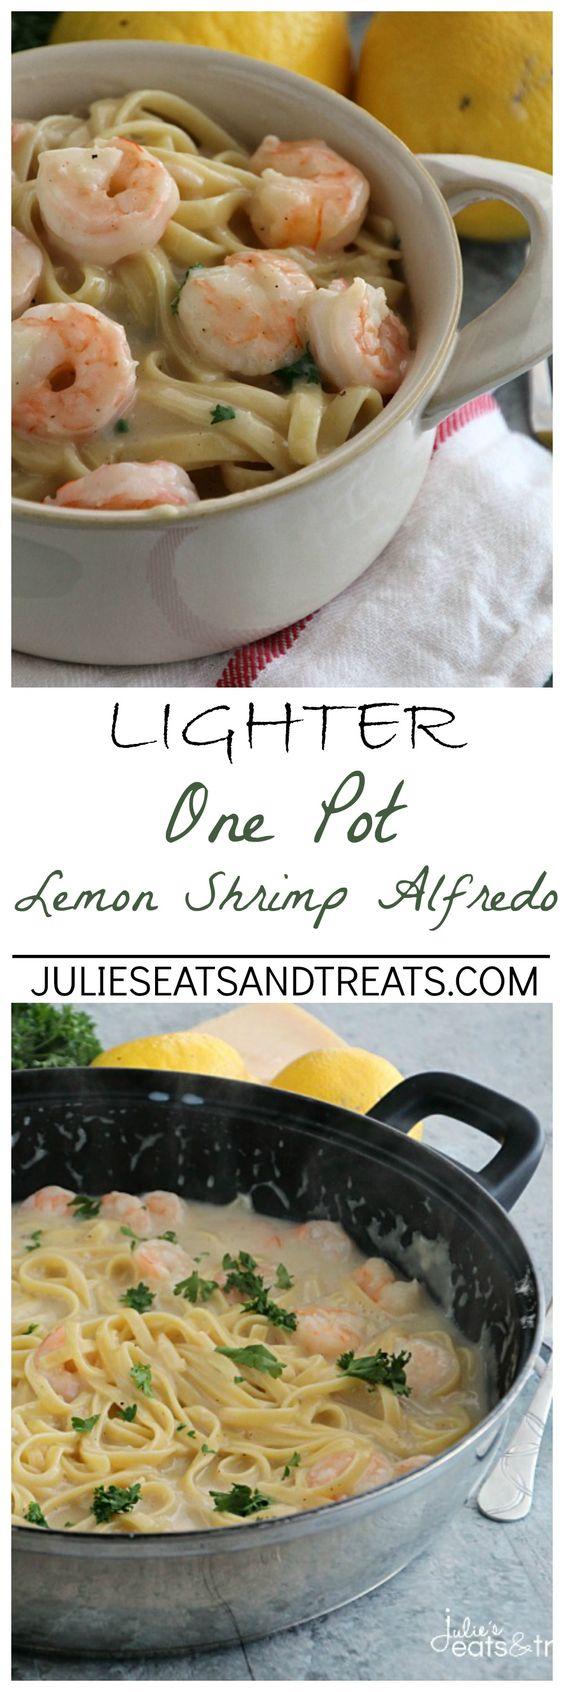 Lighter One Pot Lemon Shrimp Alfredo Recipe One Pot, Lighter